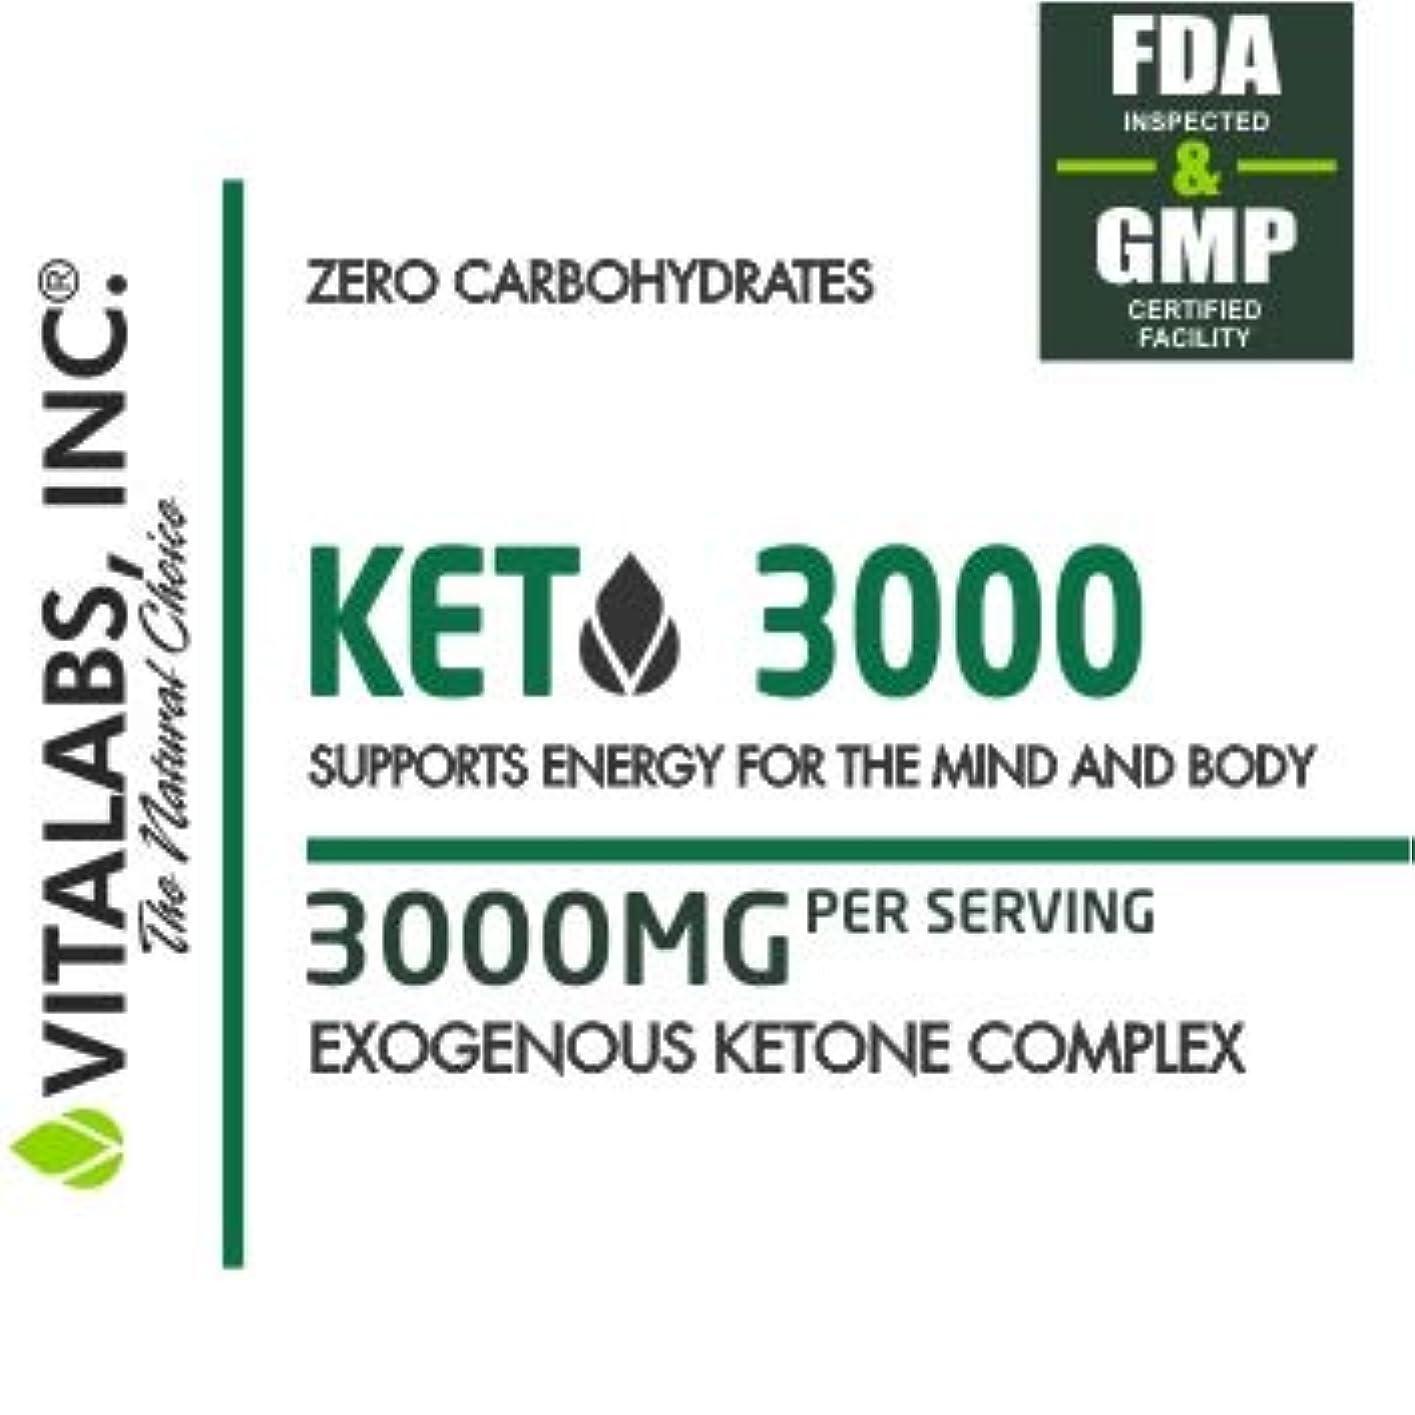 キロメートル重力週末低炭水化物状態を作る/ケトジェニックダイエットサポートサプリメント KETO 3000/ Vitalabs 【アメリカより直送】】 (240カプセル(60回分))